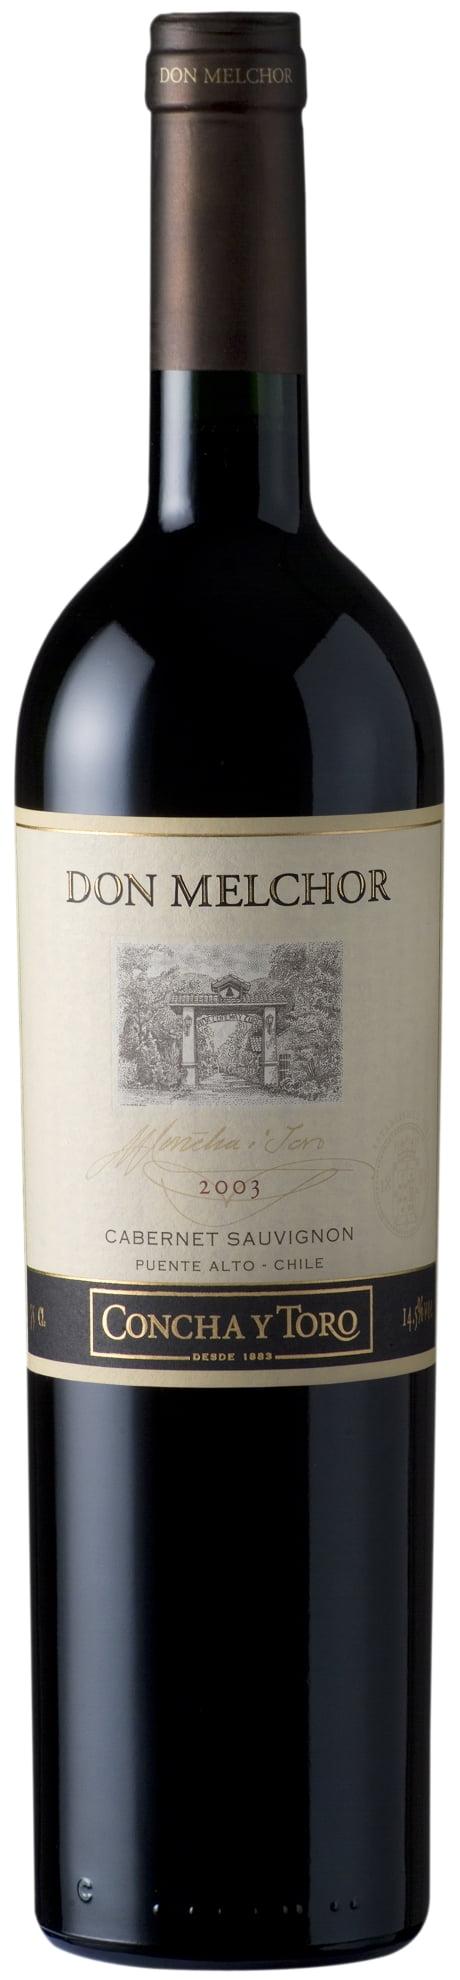 Don Melchor 2003